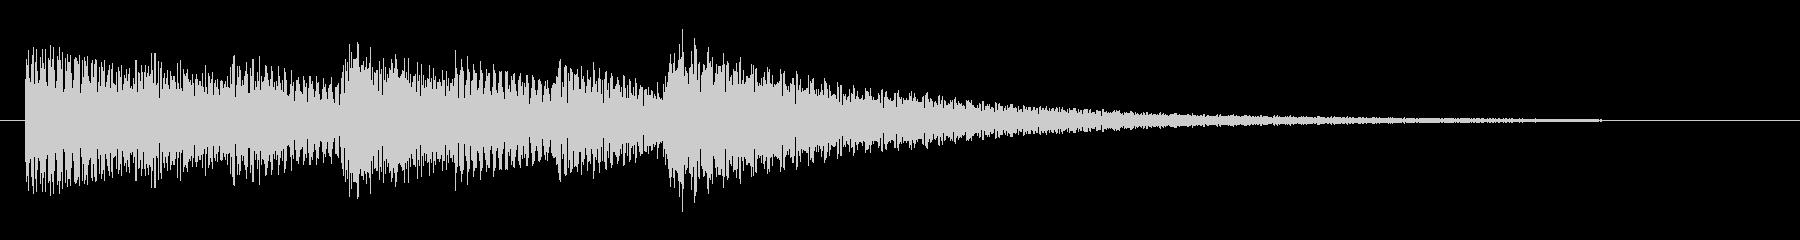 明るめのエレピのジングルの未再生の波形